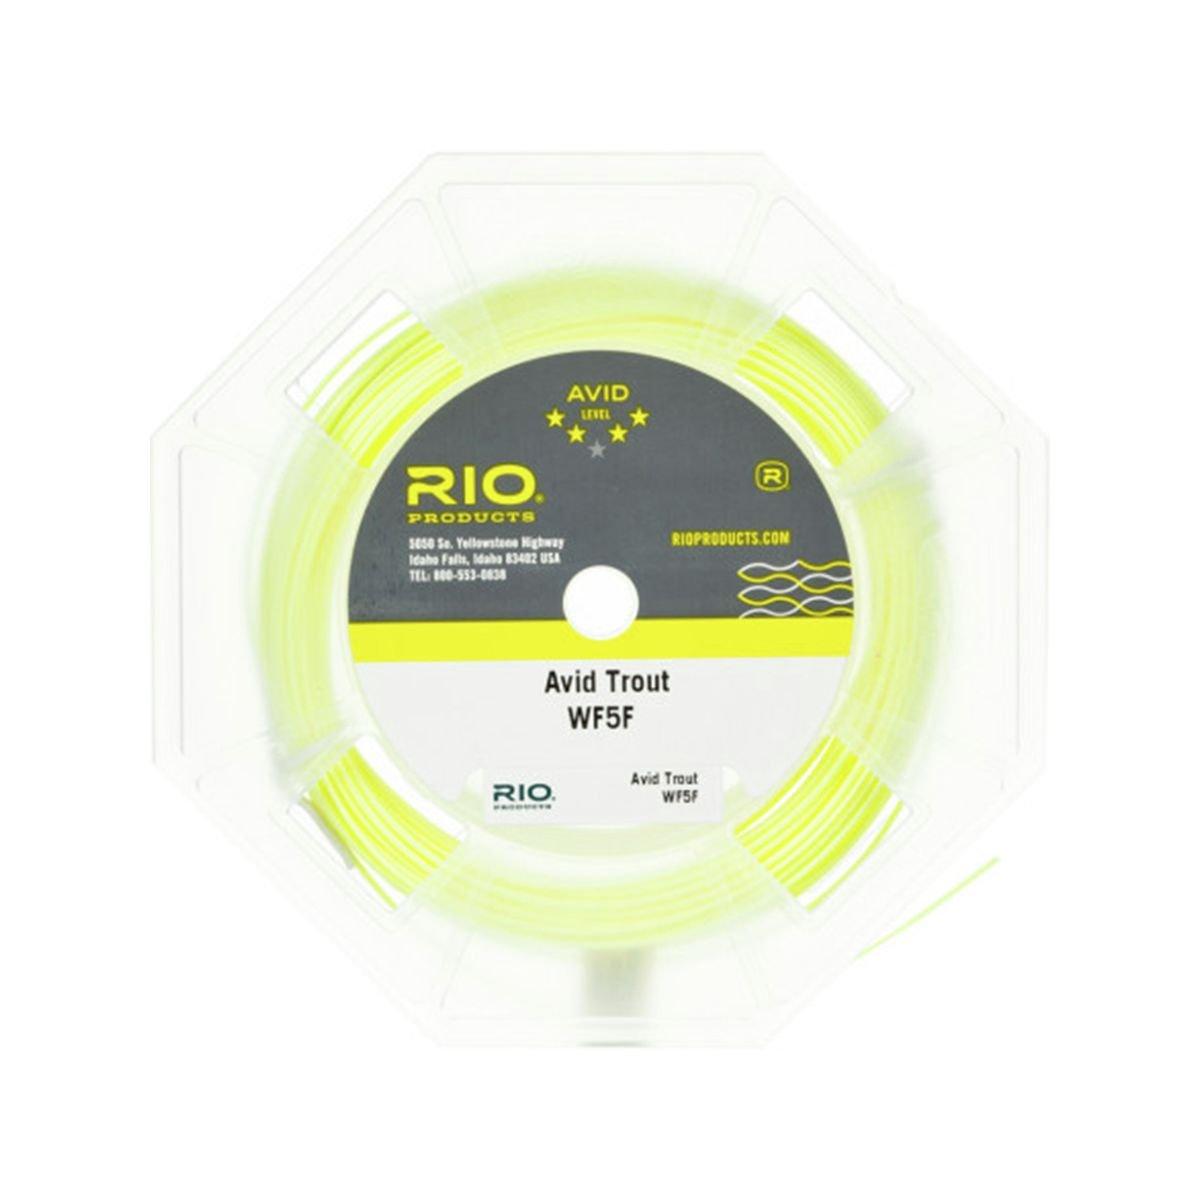 RIO Avid Trout WF Fly Line WF6F